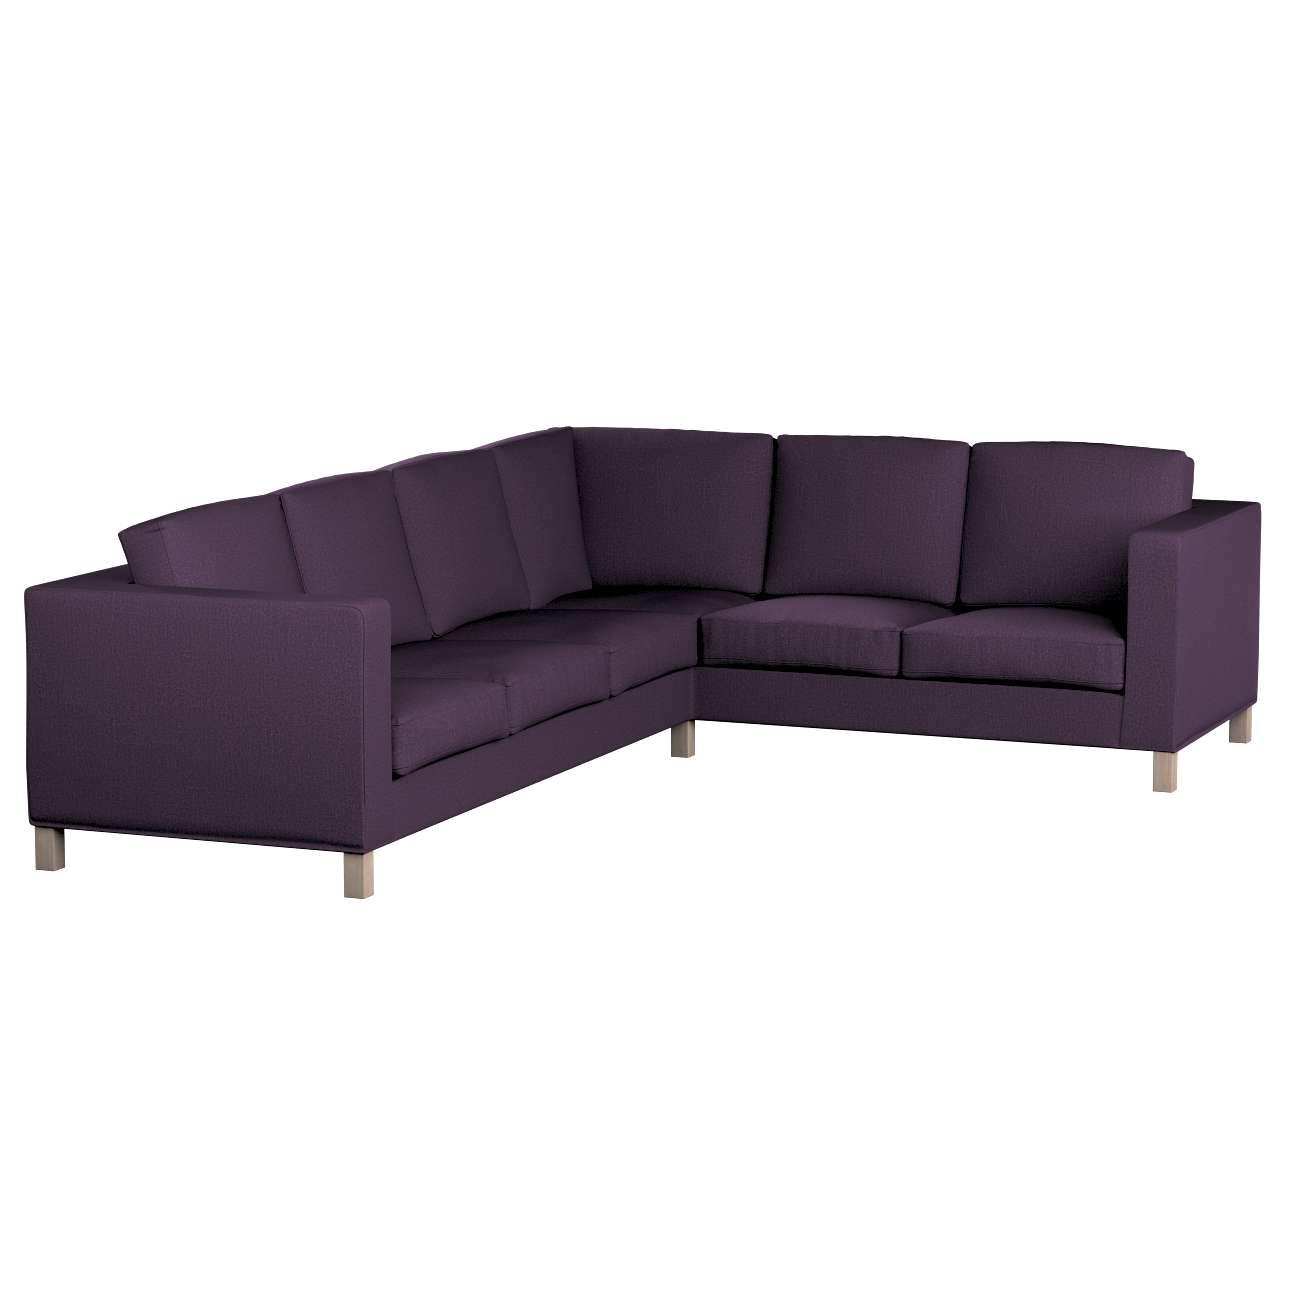 Pokrowiec na sofę narożną lewostronną Karlanda w kolekcji Living, tkanina: 161-67